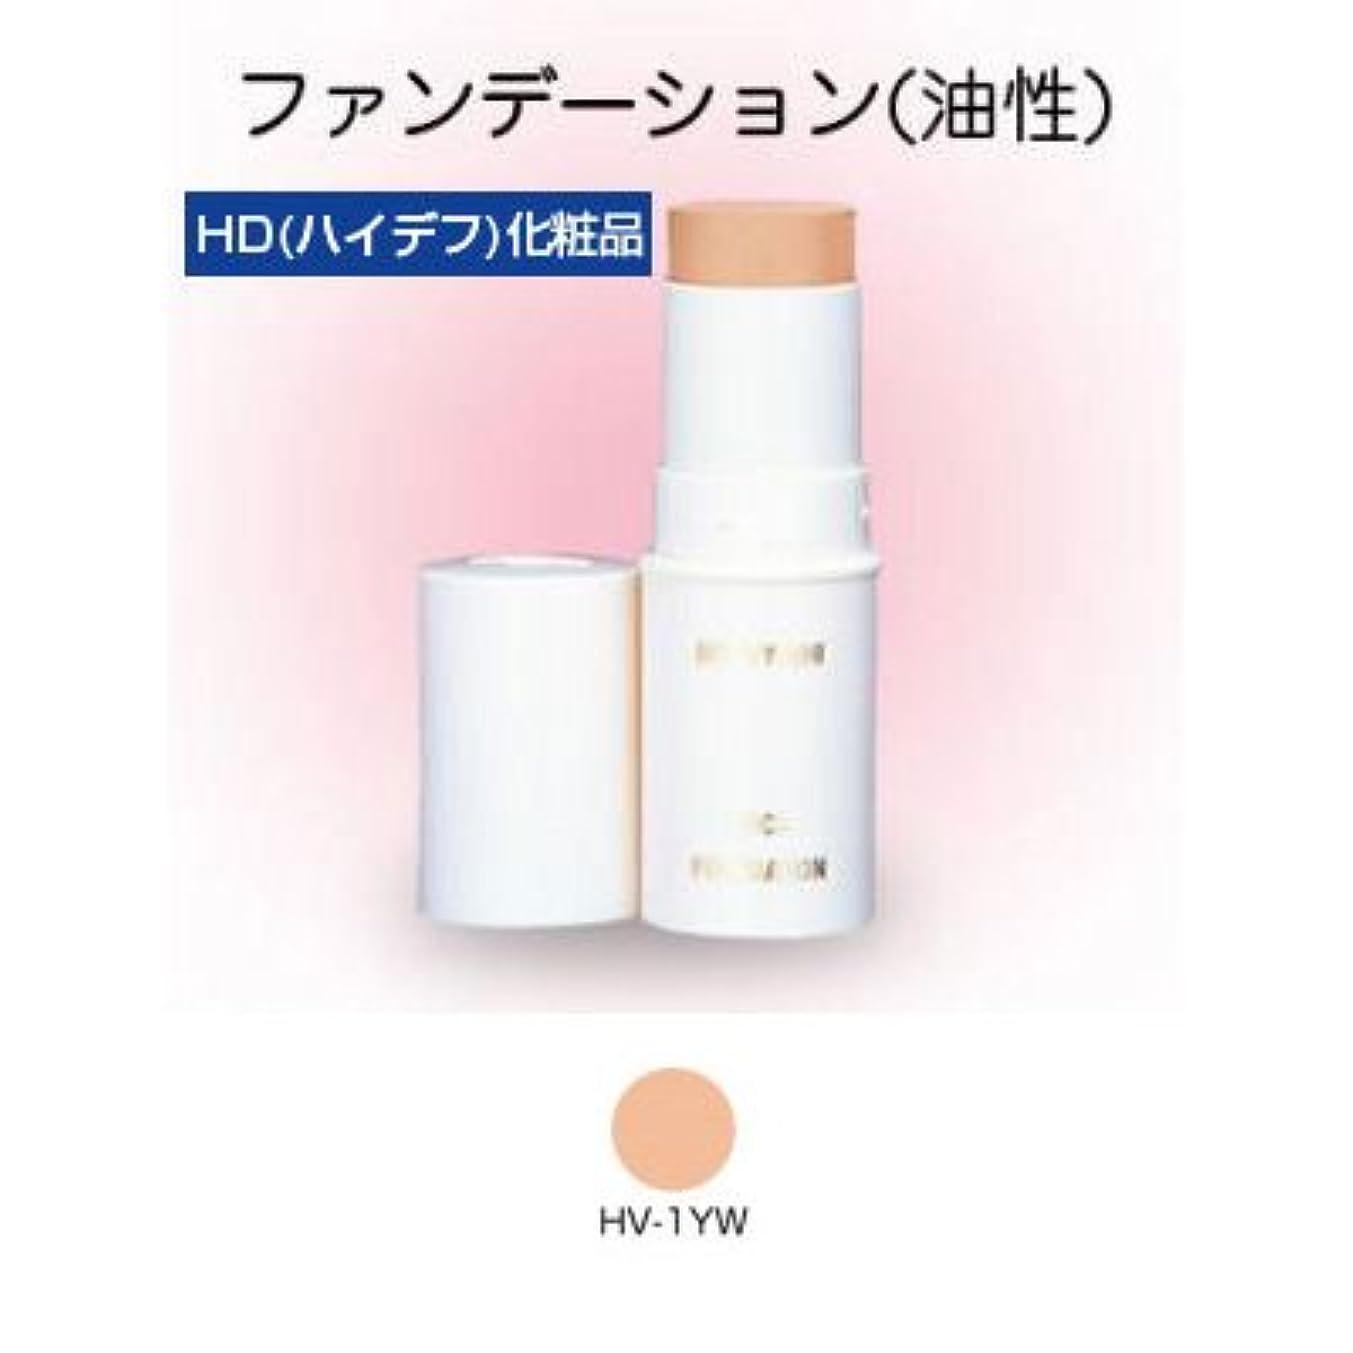 詩人アジア管理スティックファンデーション HD化粧品 17g 1YW 【三善】